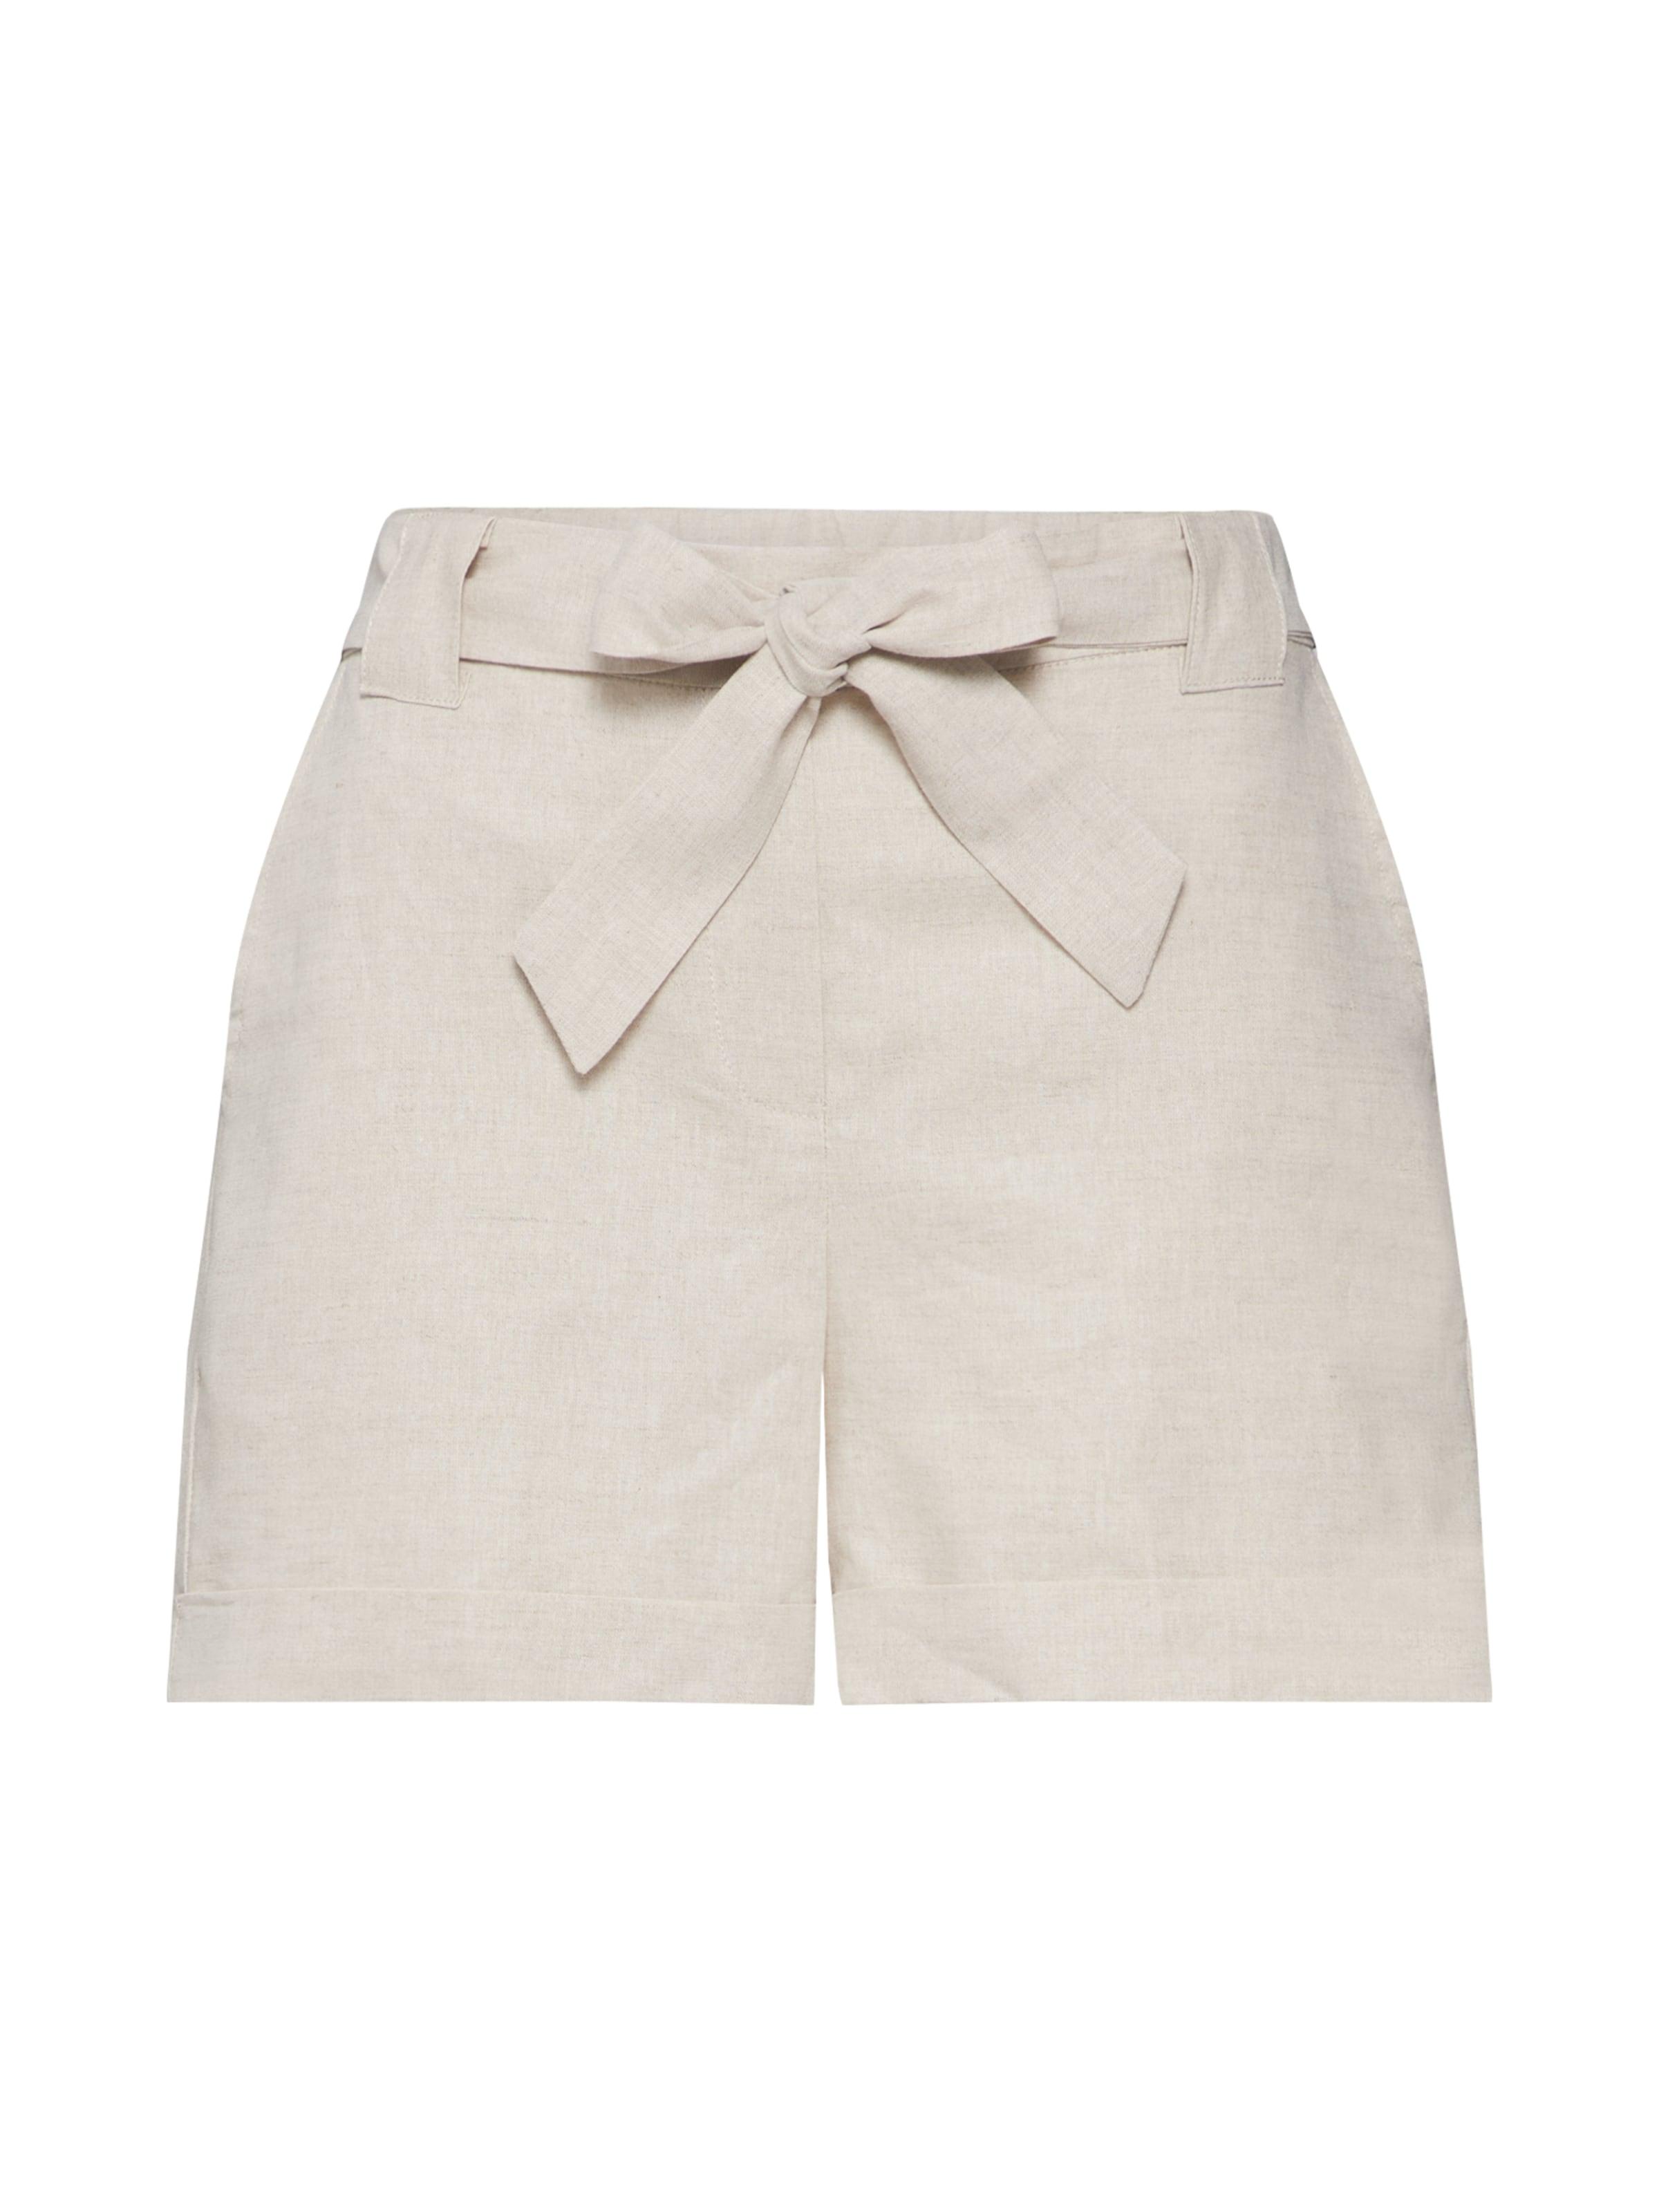 Object 'phillipa' Object Pantalon 'phillipa' Pantalon Beige Beige En Pantalon Object En 'phillipa' CtshxrBodQ